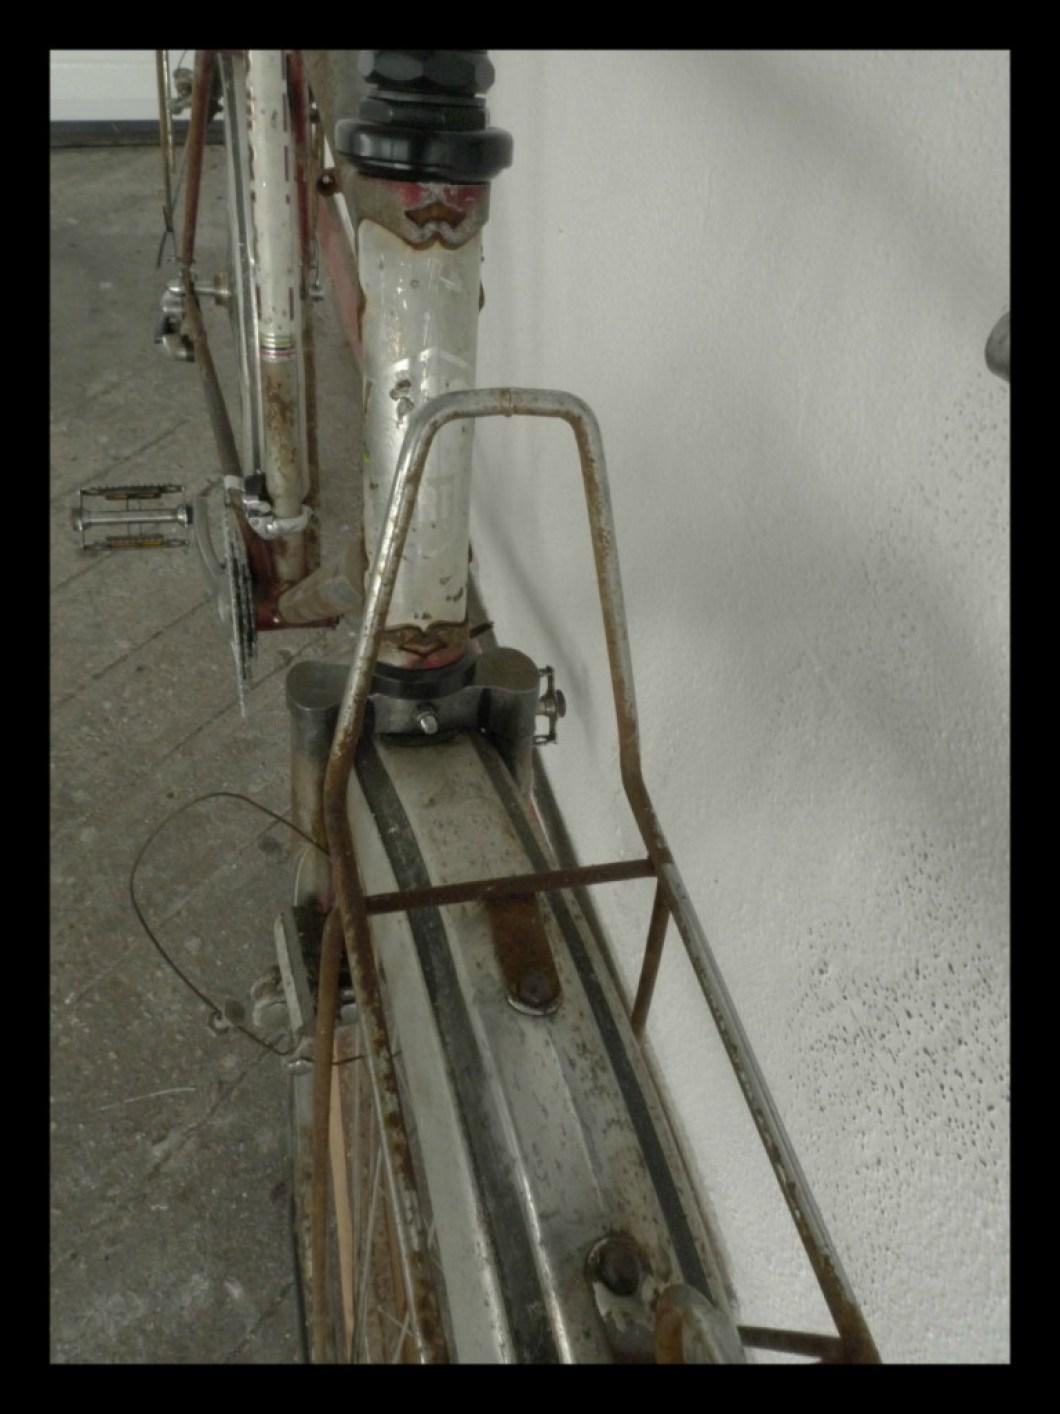 Pronto, admito que comprei a bicicleta por causa dos porta-bagagens. São excelentes!